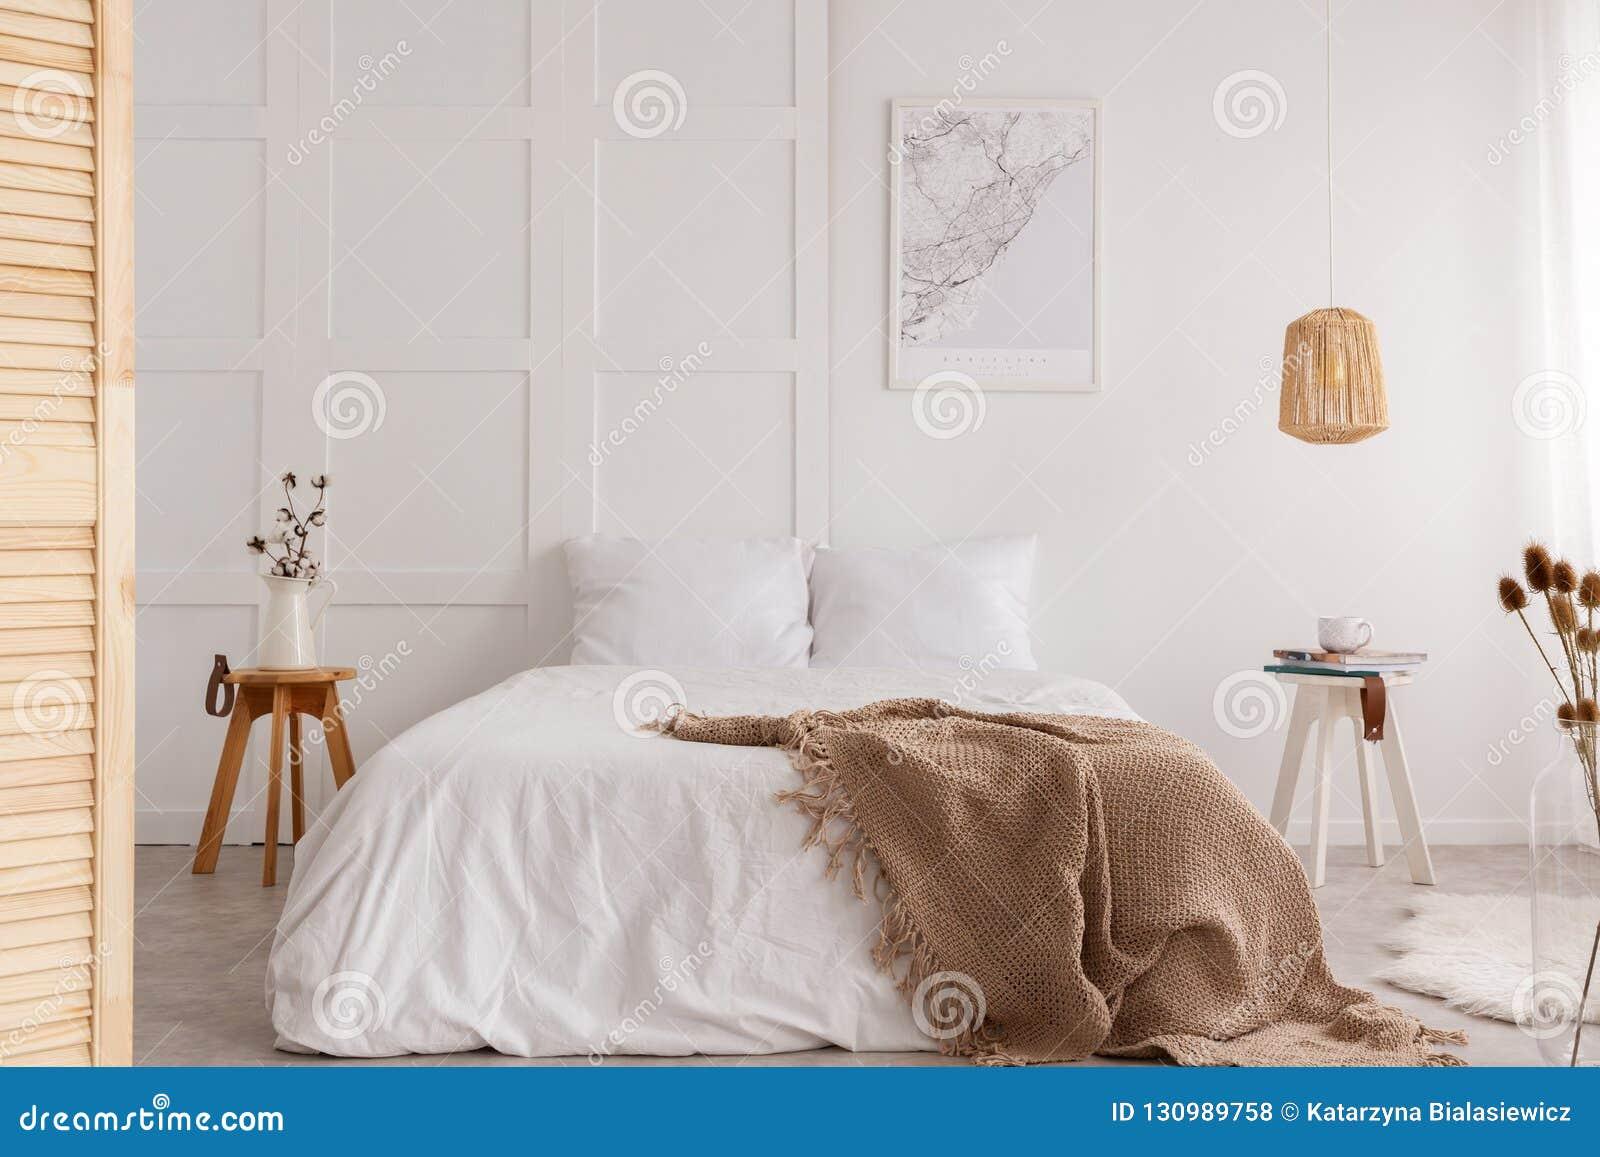 Översikt på väggen av den stilfulla sovruminre, verkligt foto